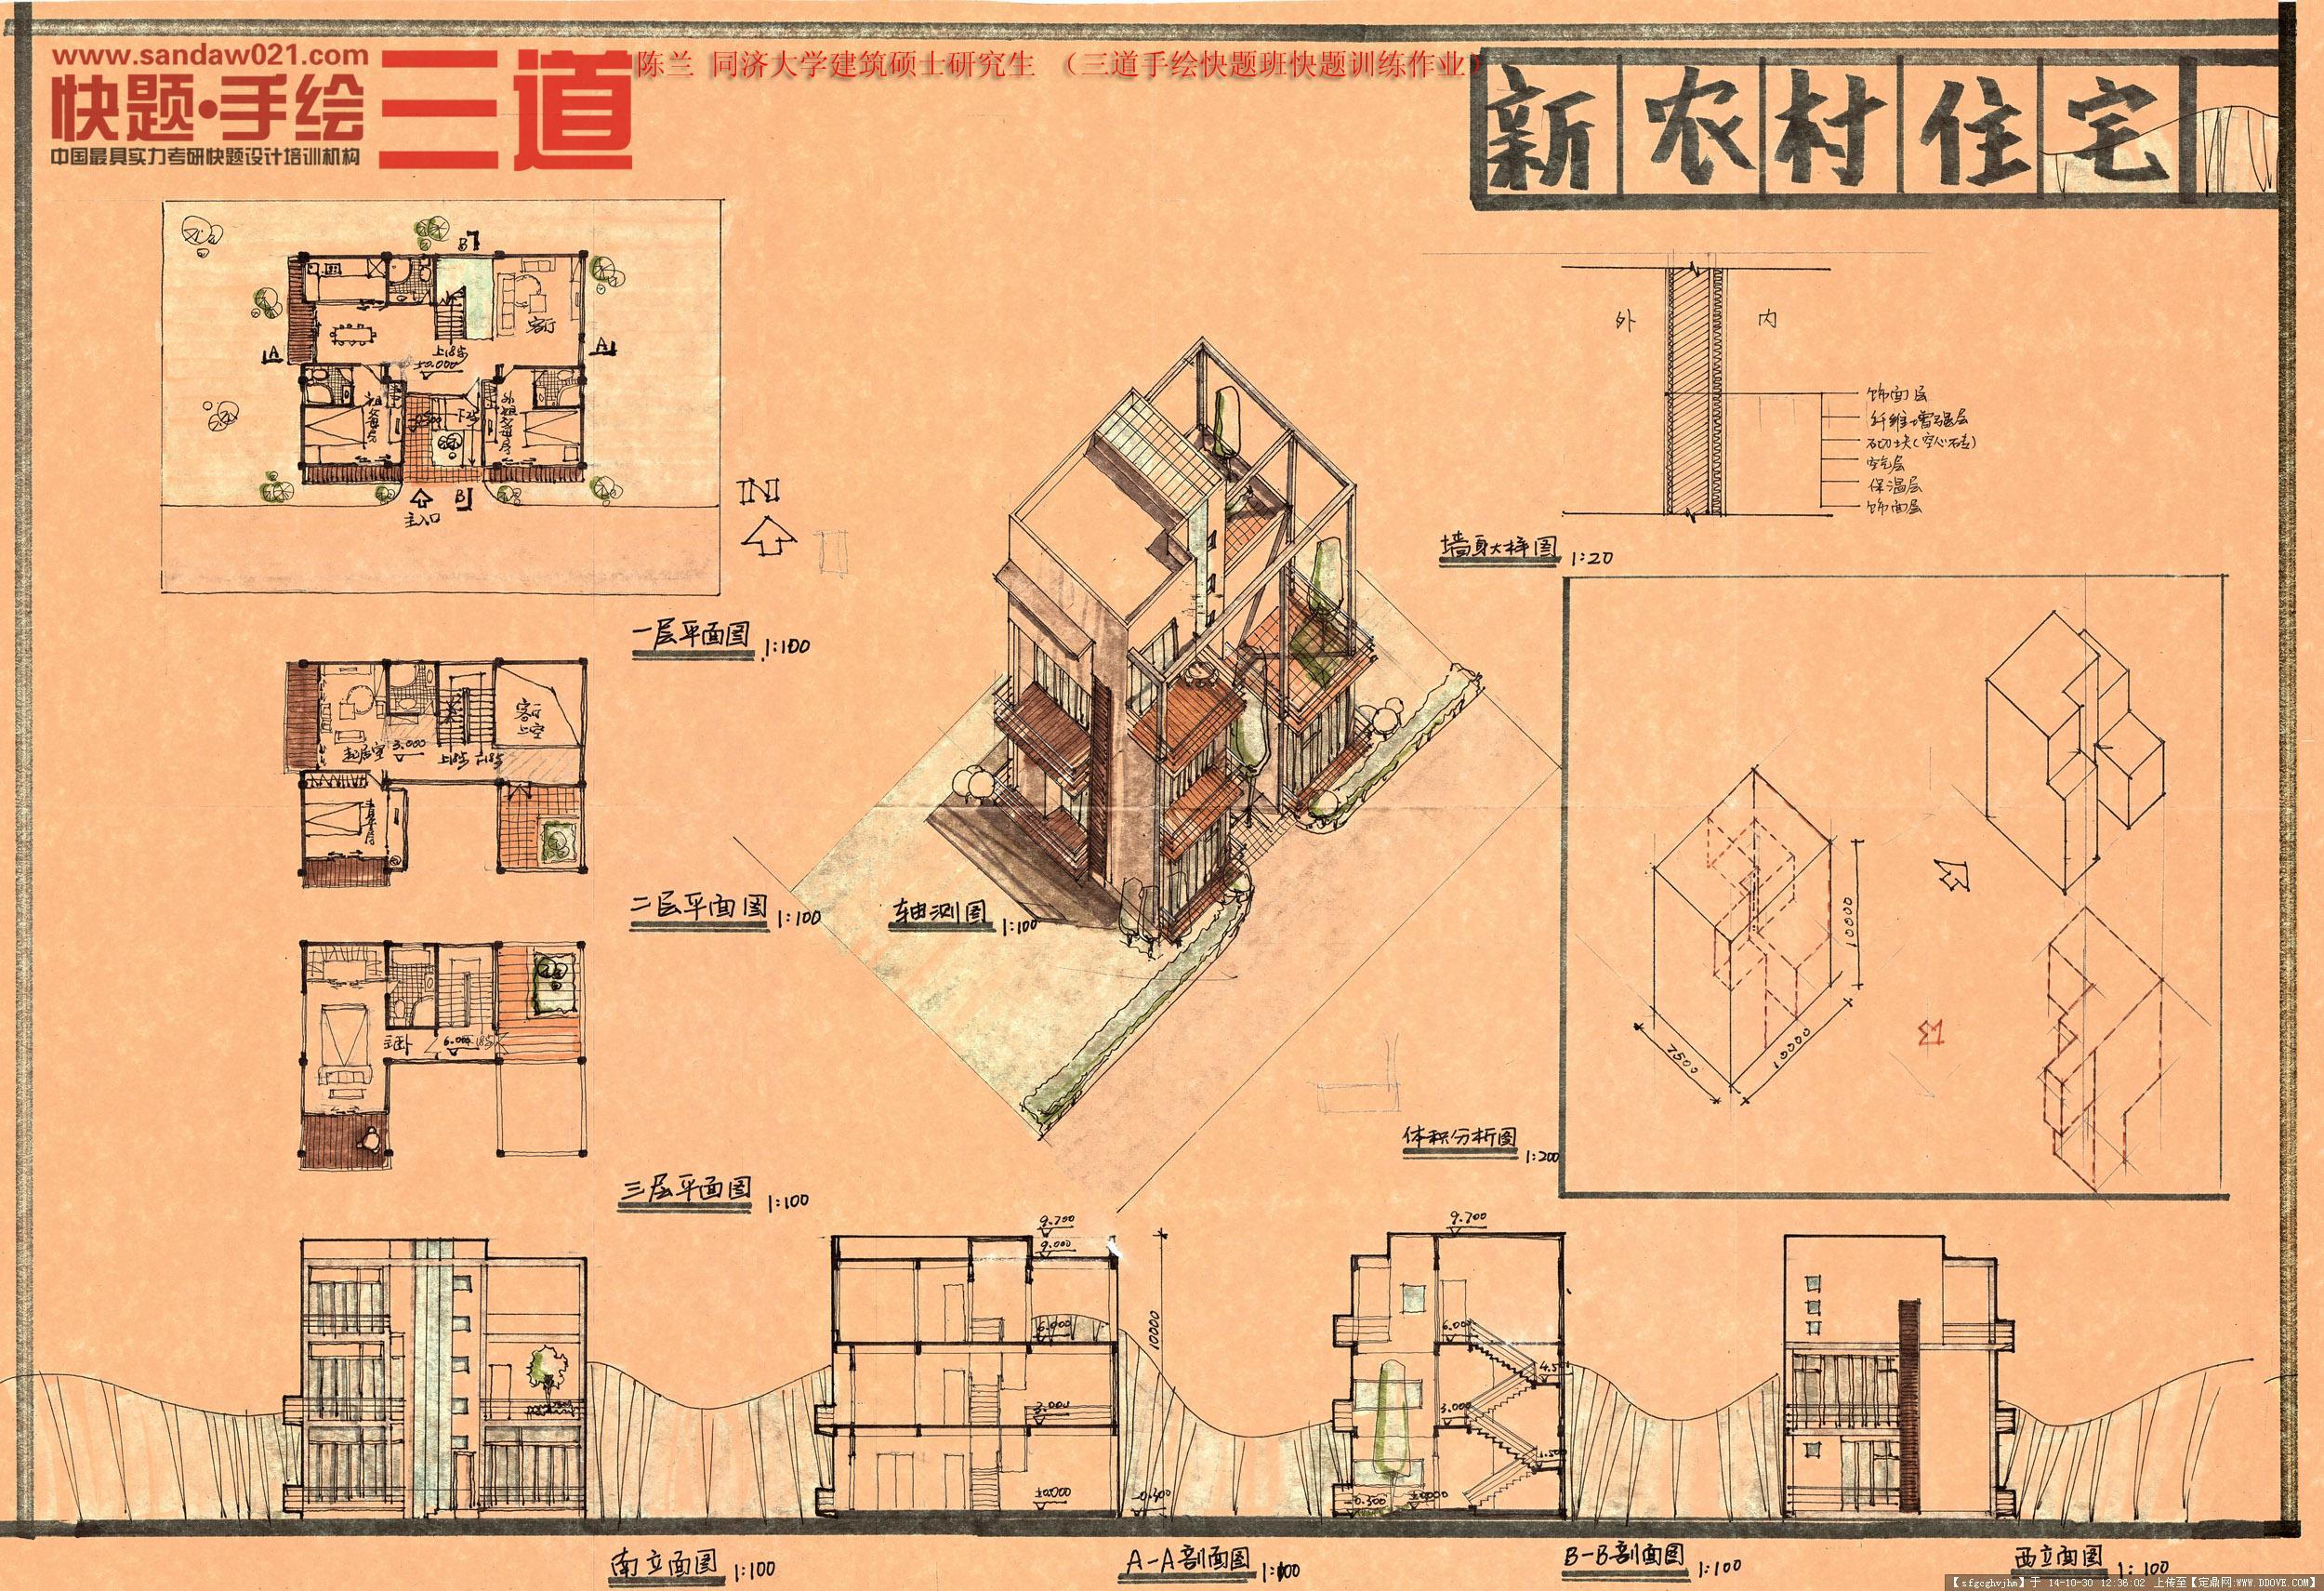 陈兰 同济大学建筑硕士研究生05.jpg 原始尺寸:2500 * 1711